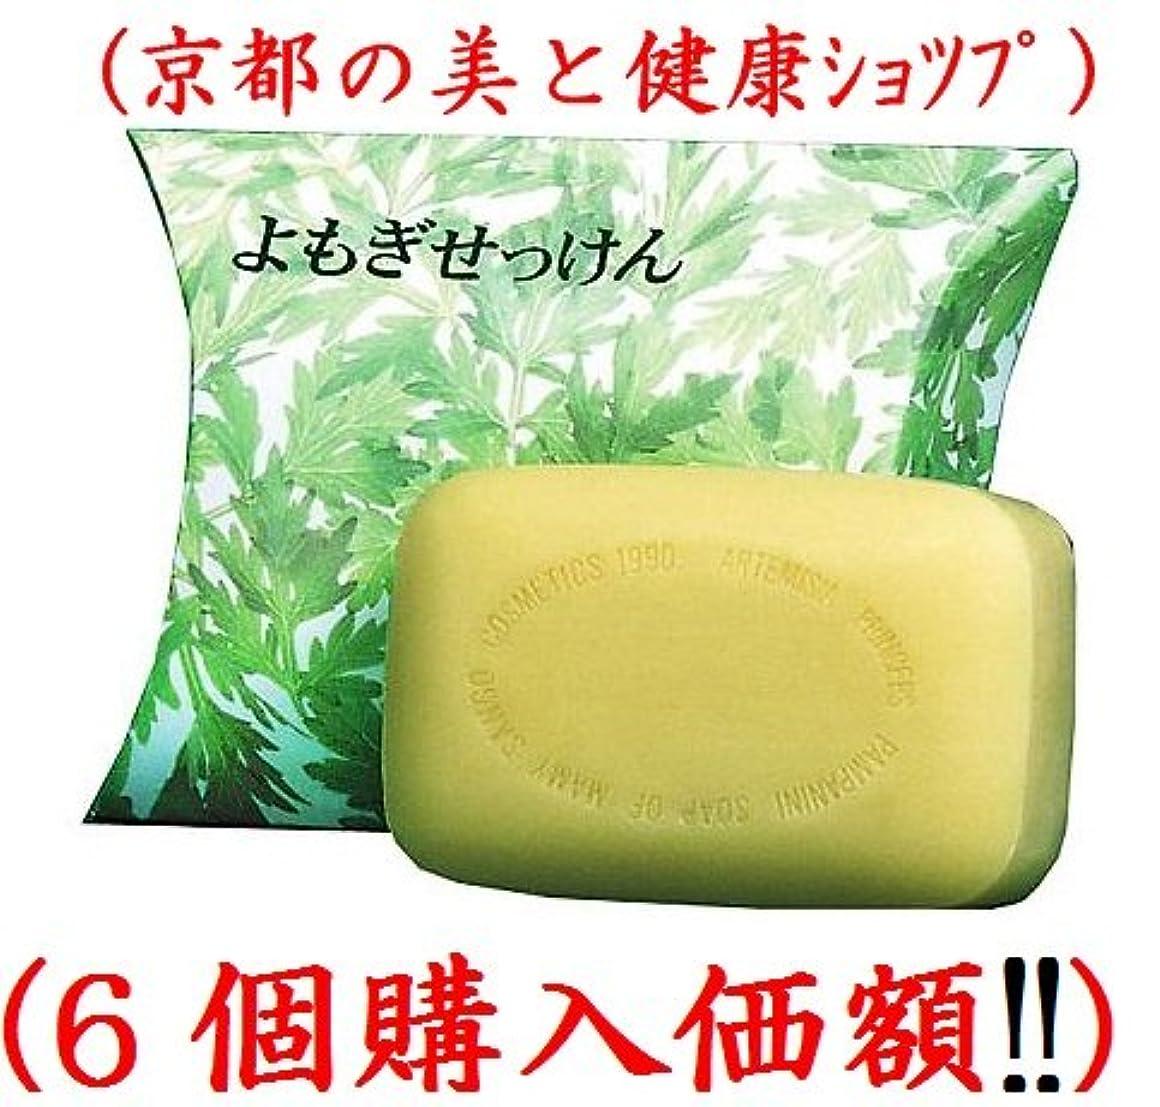 願望海上排除するマミーサンゴソープAよもぎ石鹸95g(6個購入価額)